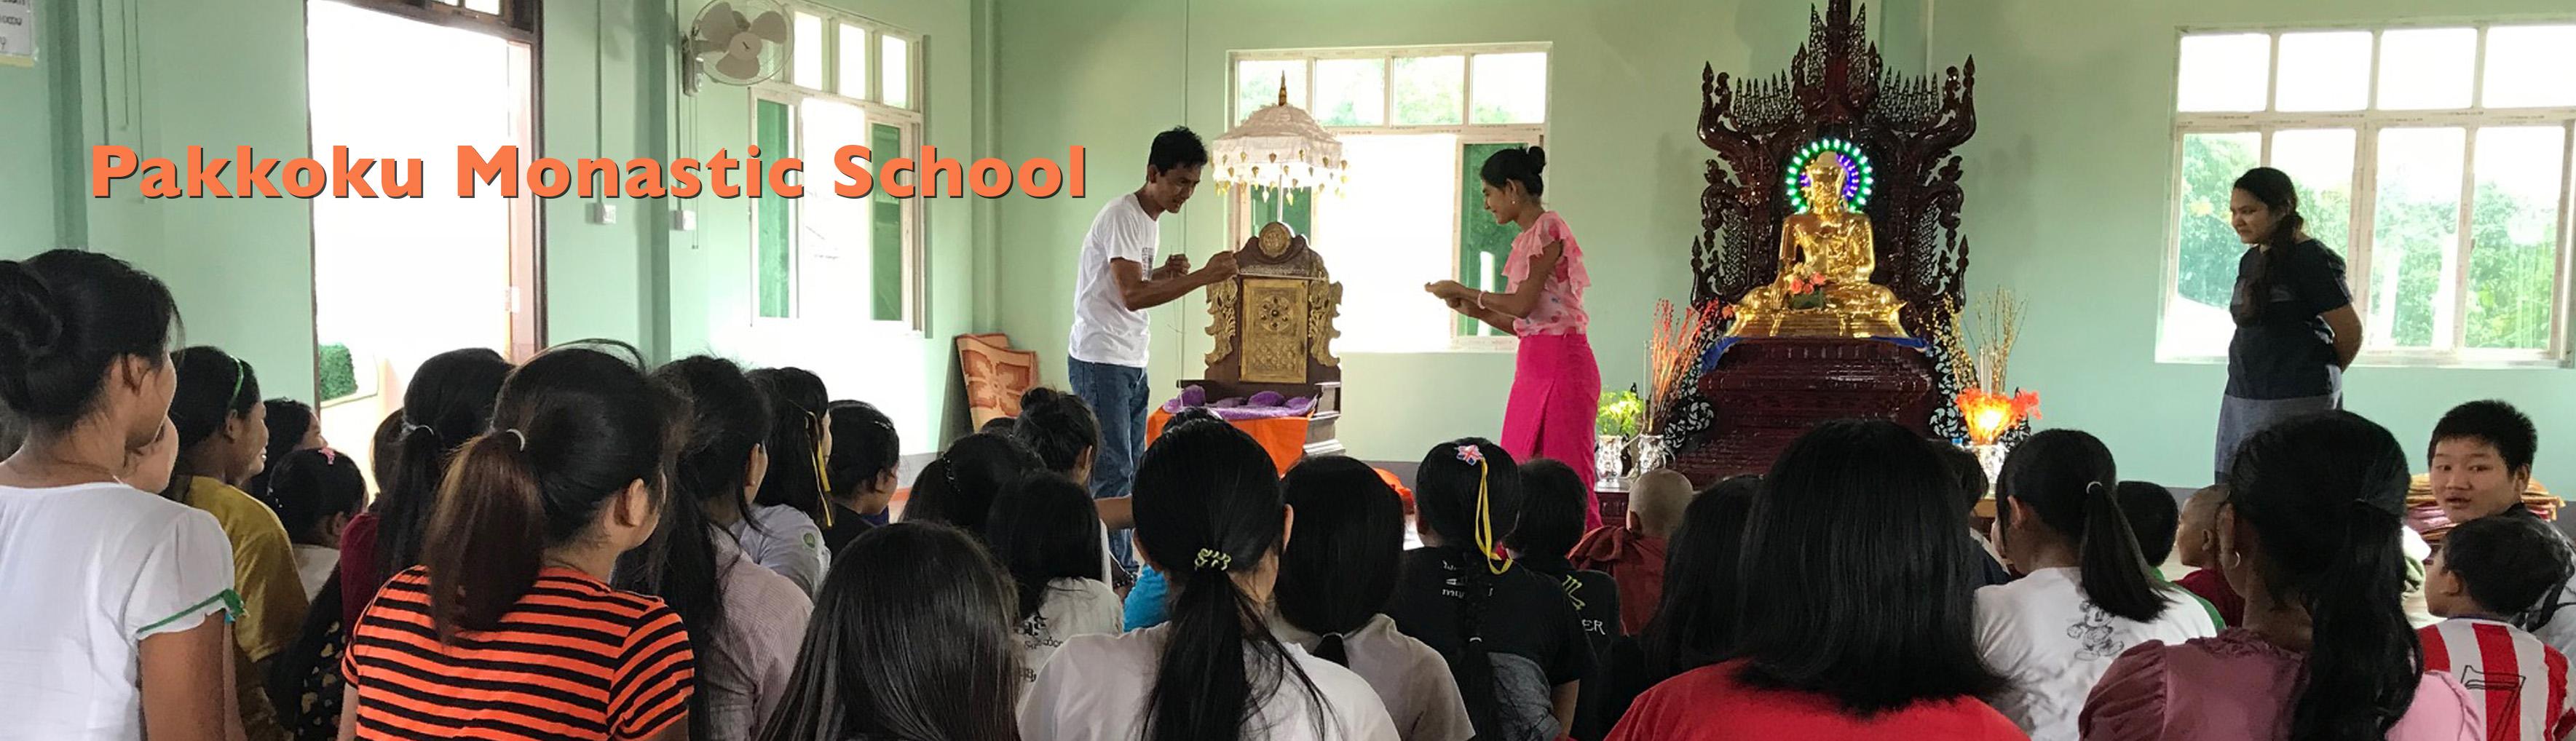 pakkoku-monastic-school